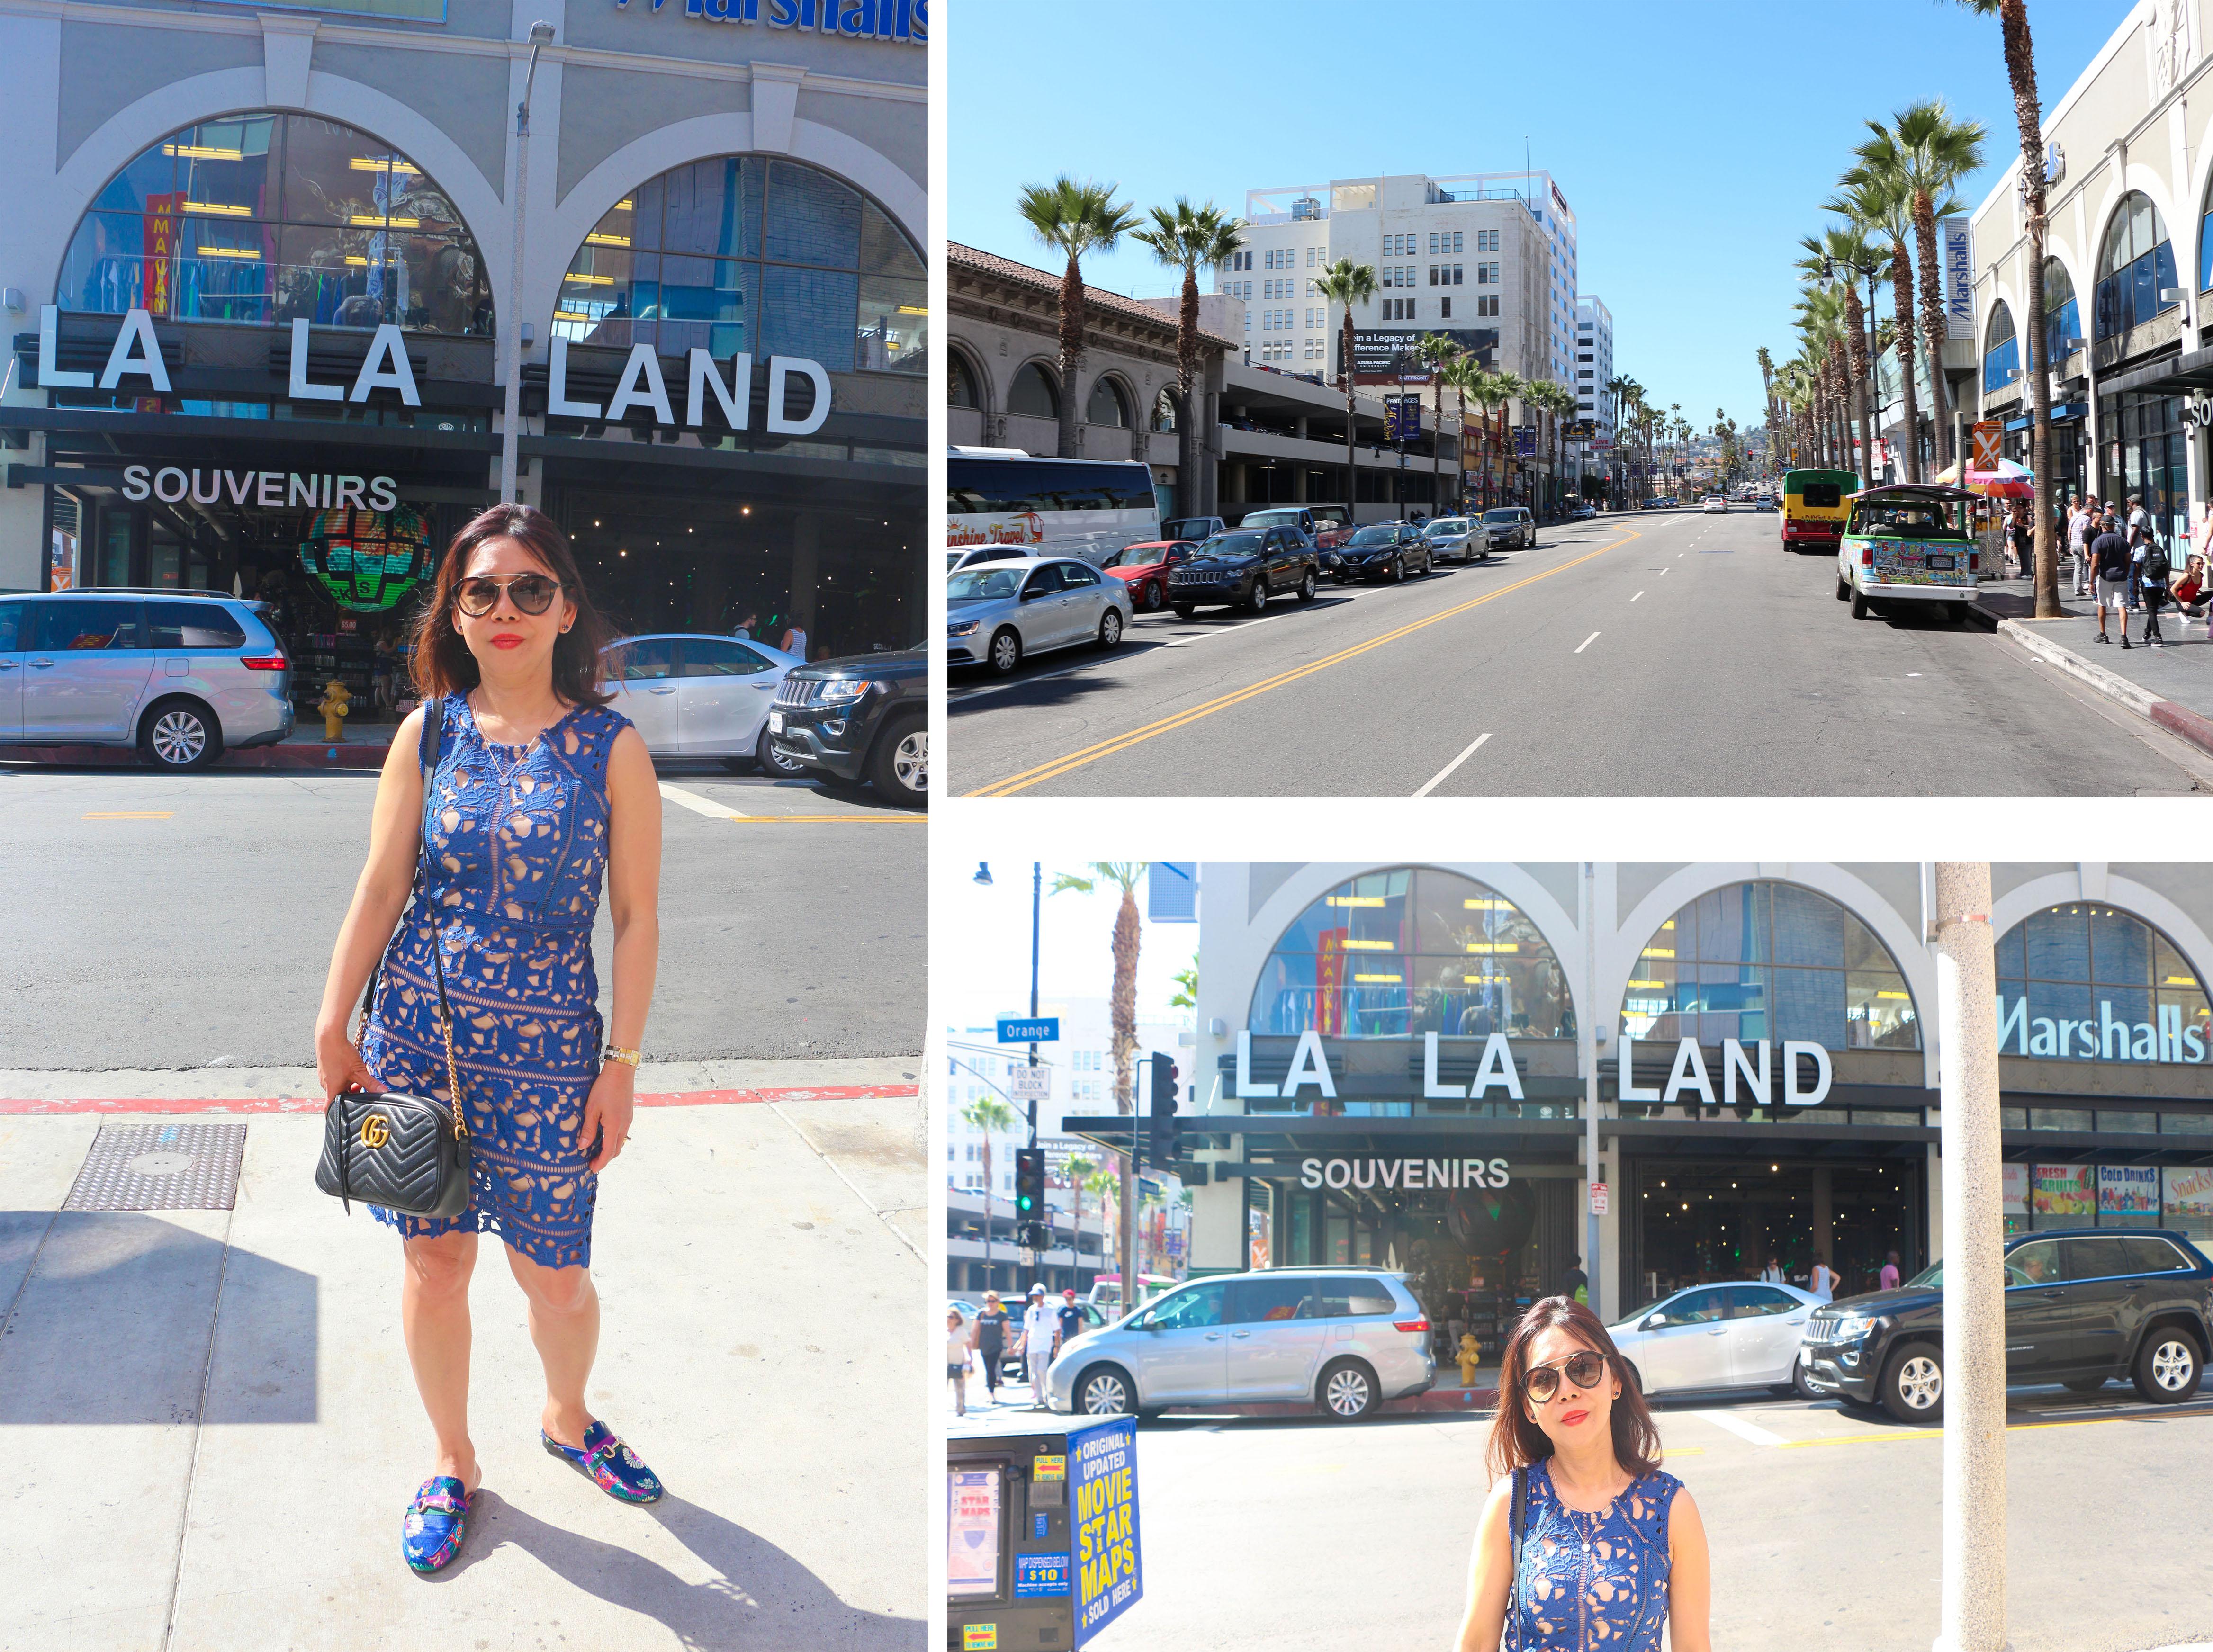 La la land blog